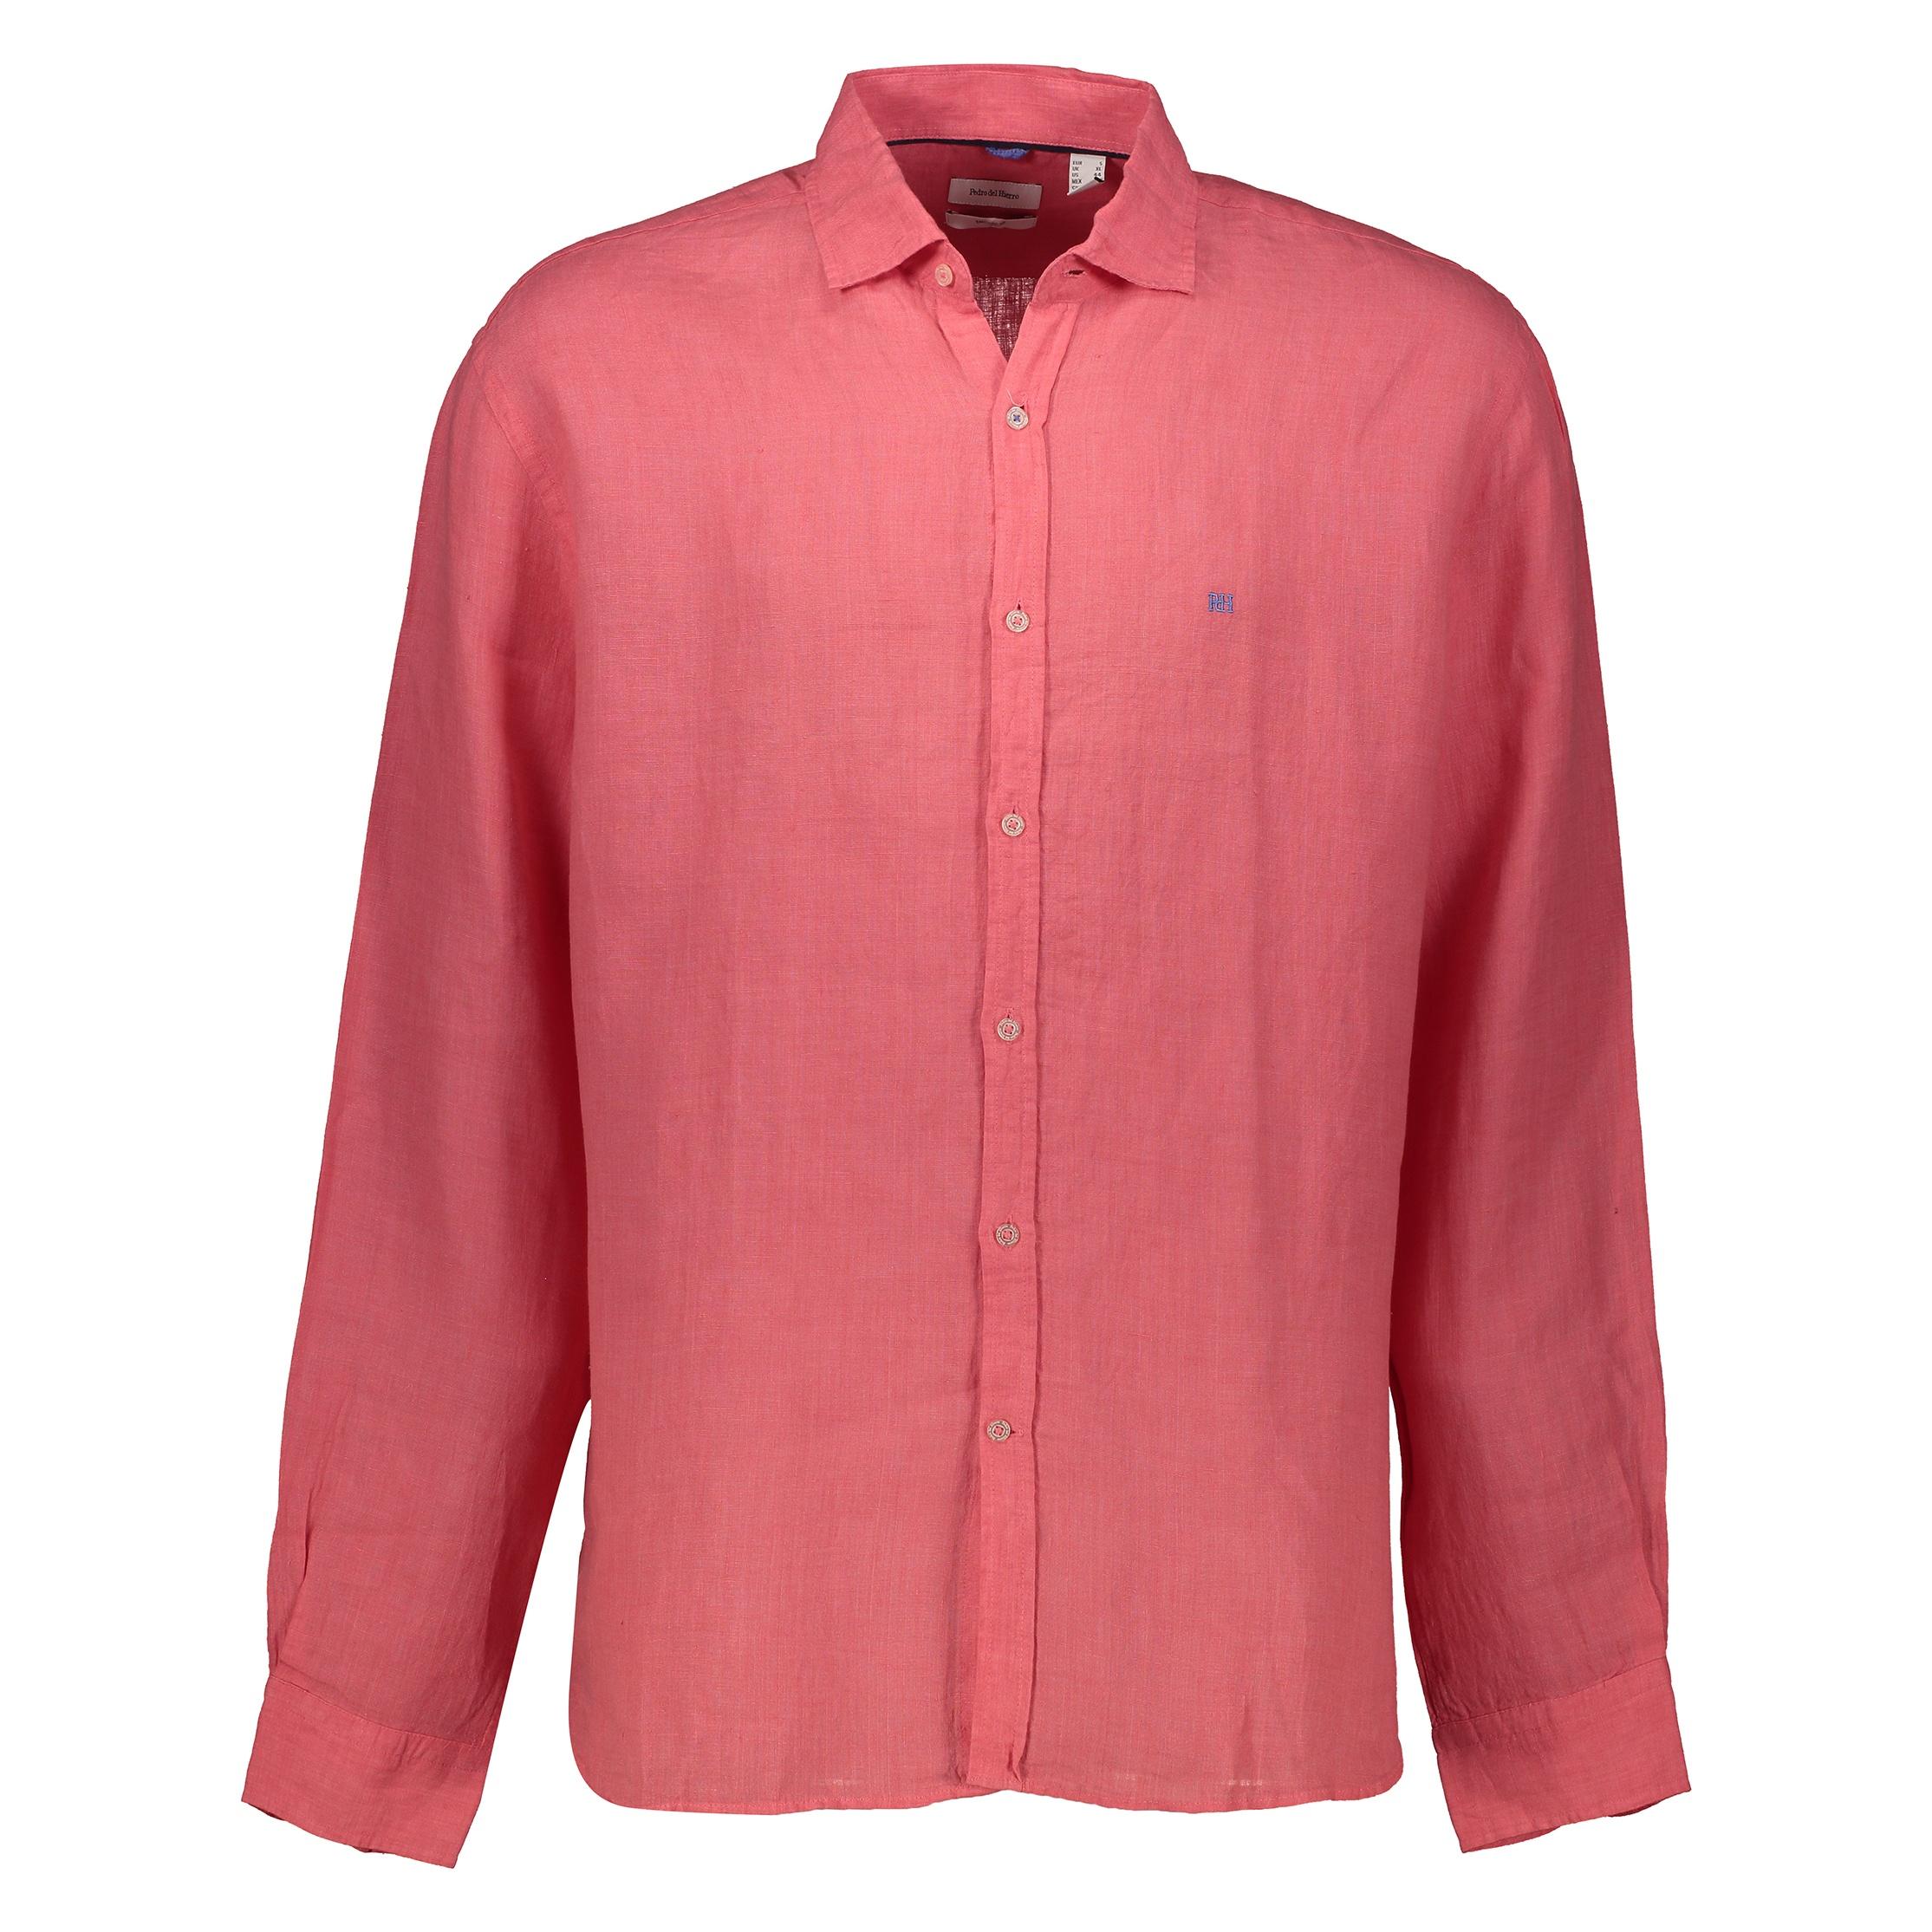 تصویر پیراهن مردانه کورتفیل مدل 7429088-60